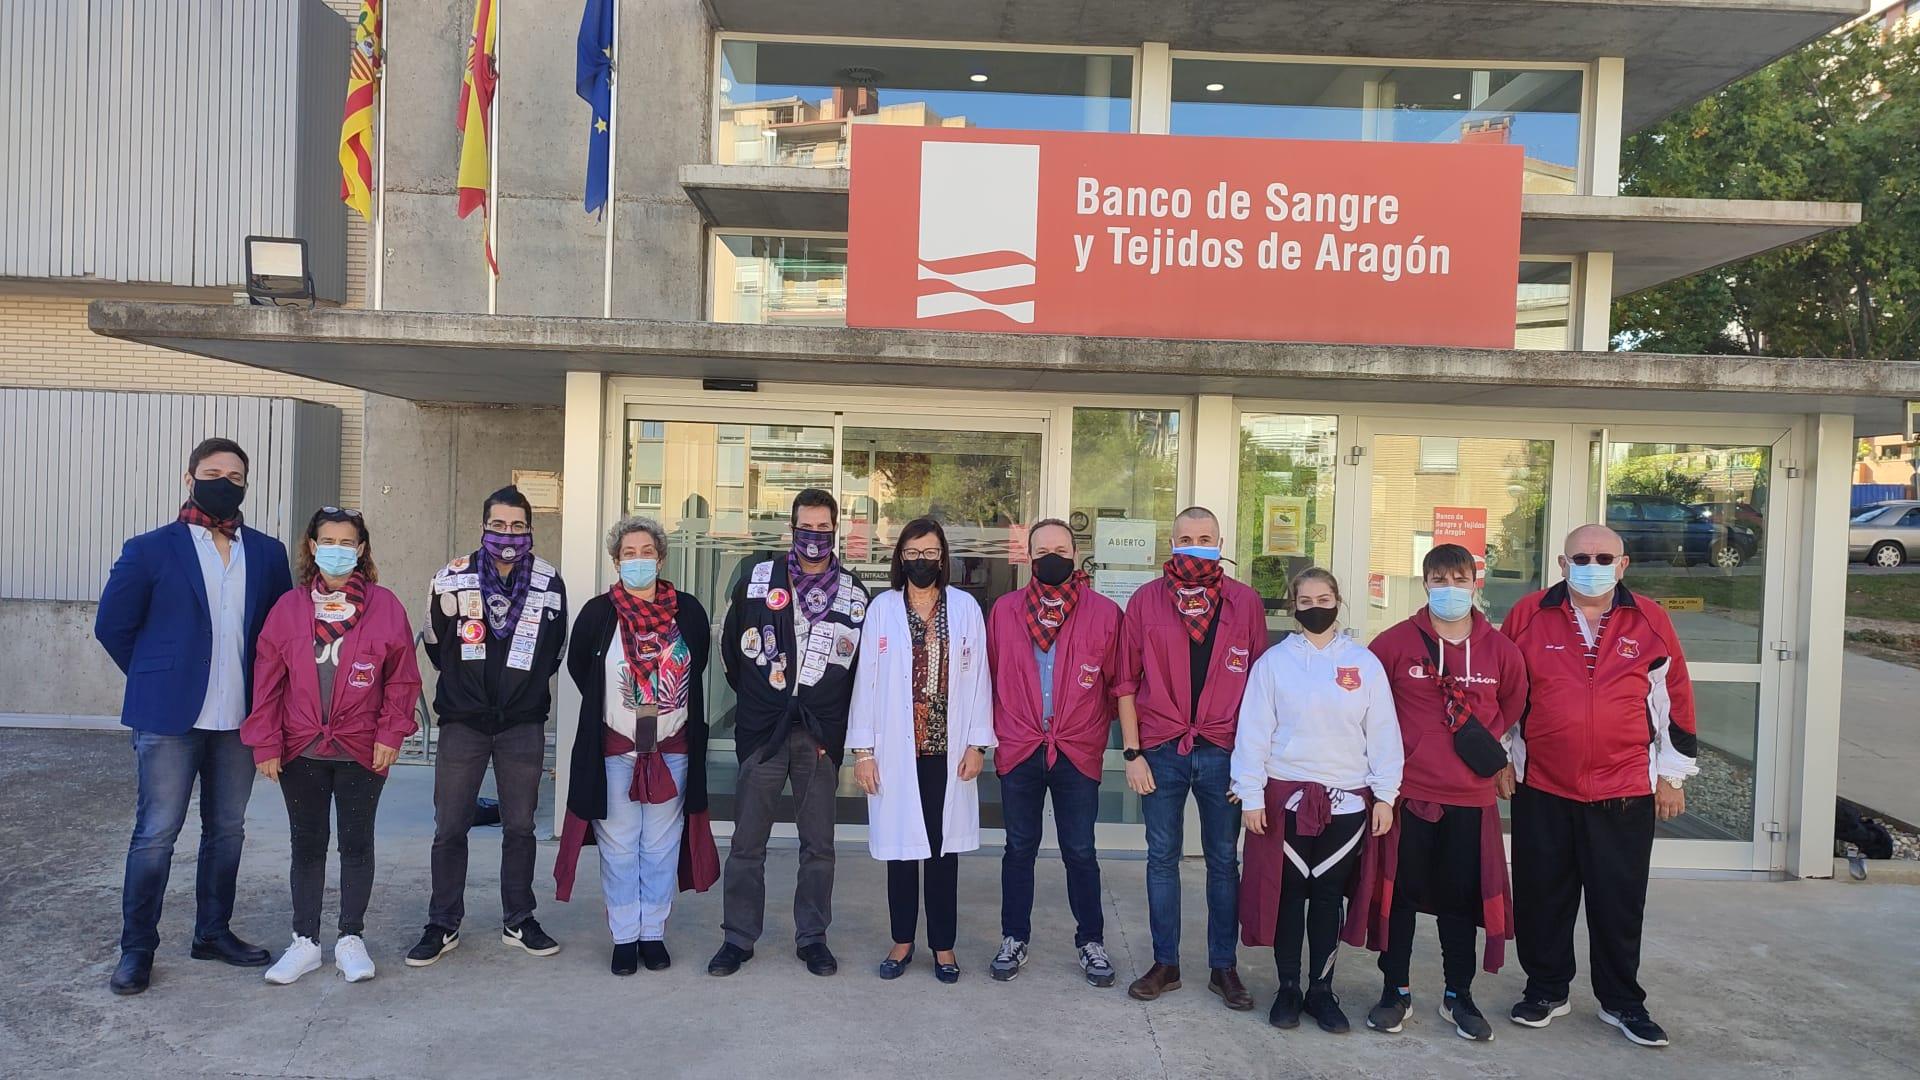 Las peñas visitan el Banco de Sangre